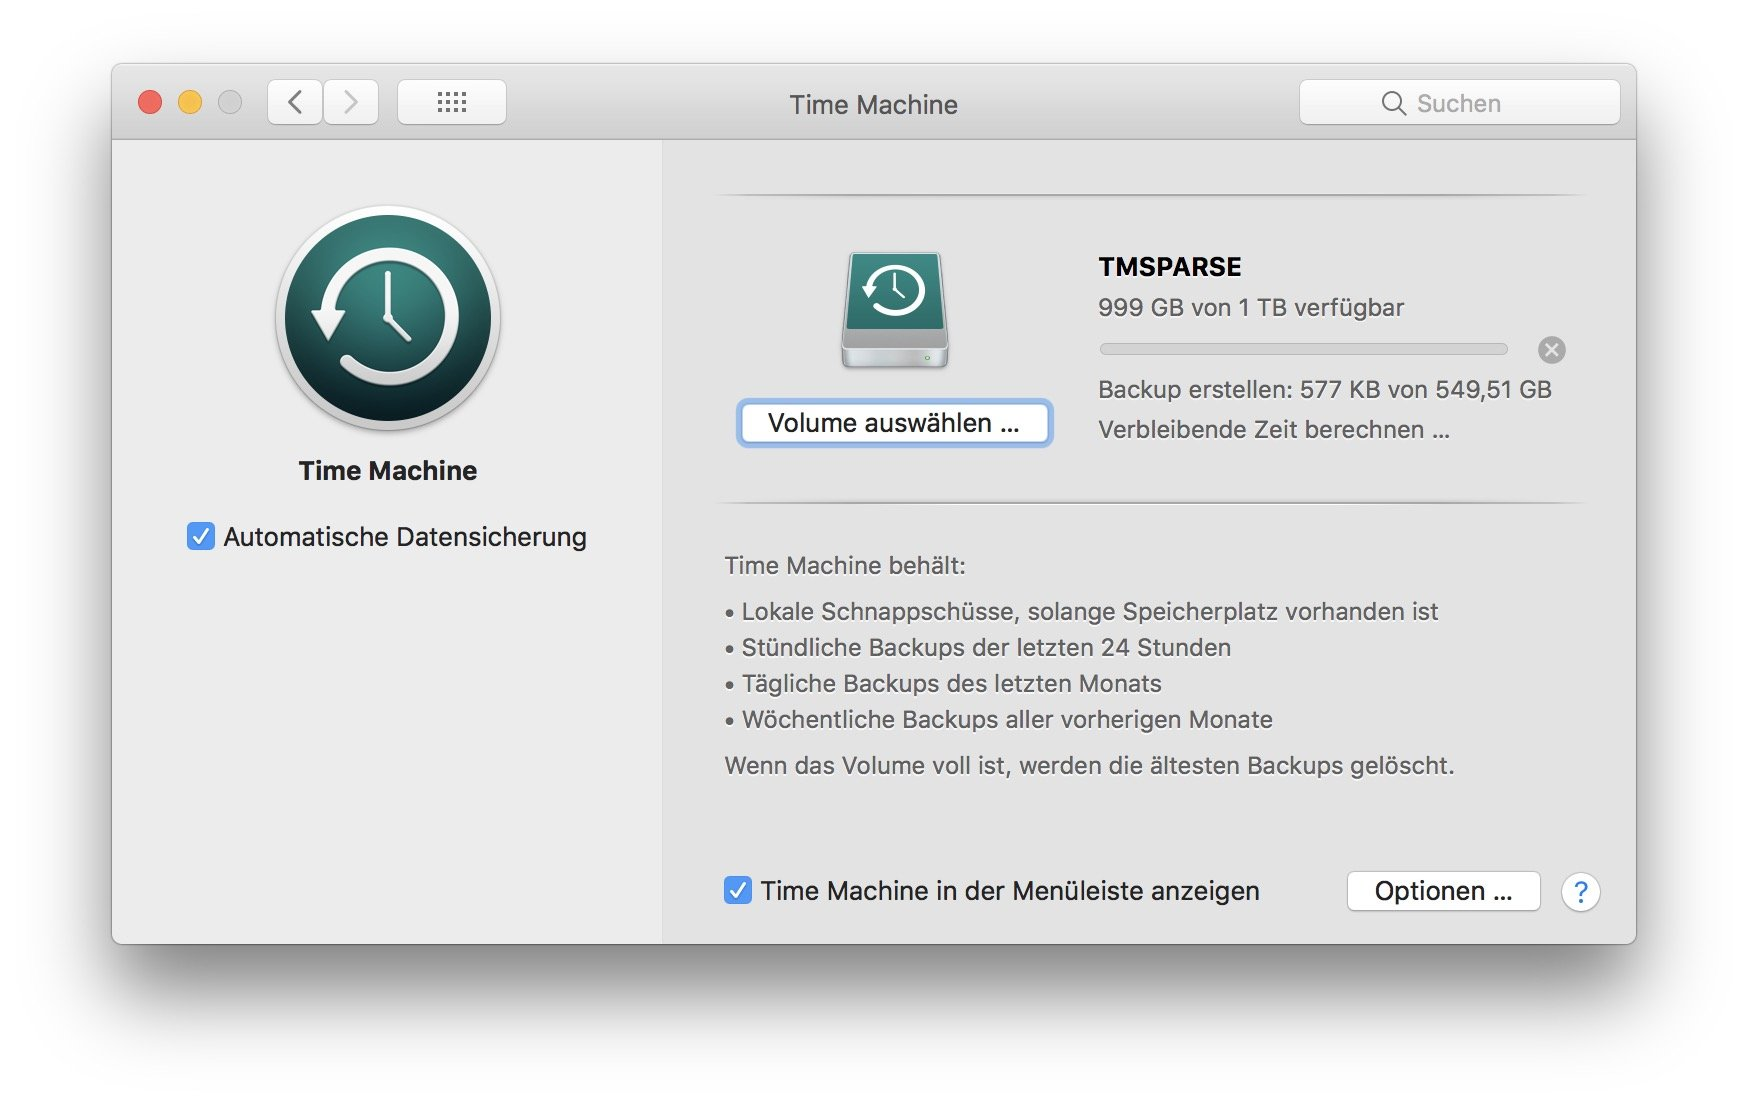 Das war es auch schon: Time Machine erstellt das Backup auf der FritzBox.